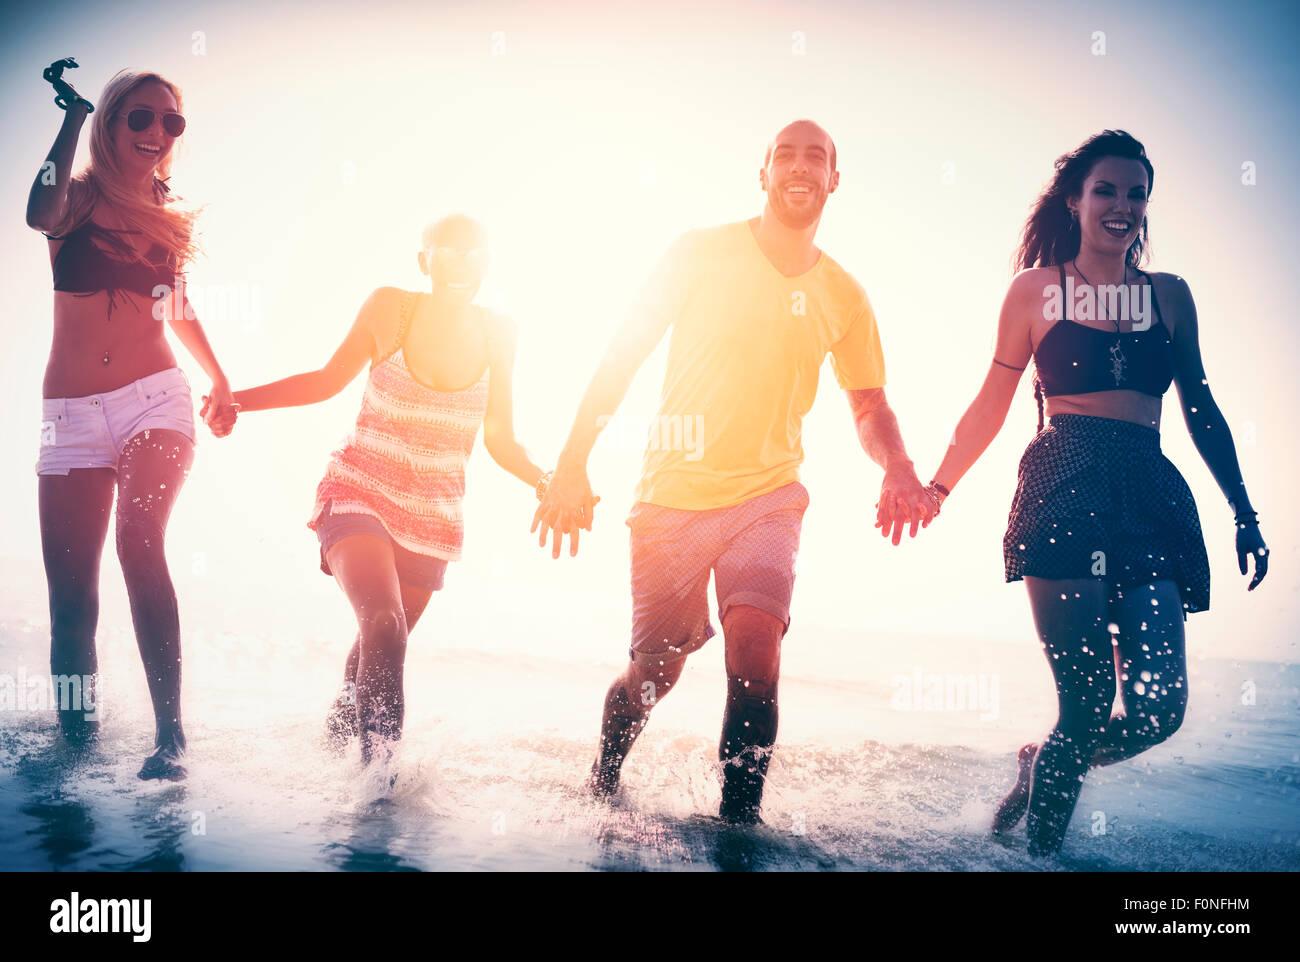 Amicizia libertà spiaggia vacanze Estate Concept Immagini Stock